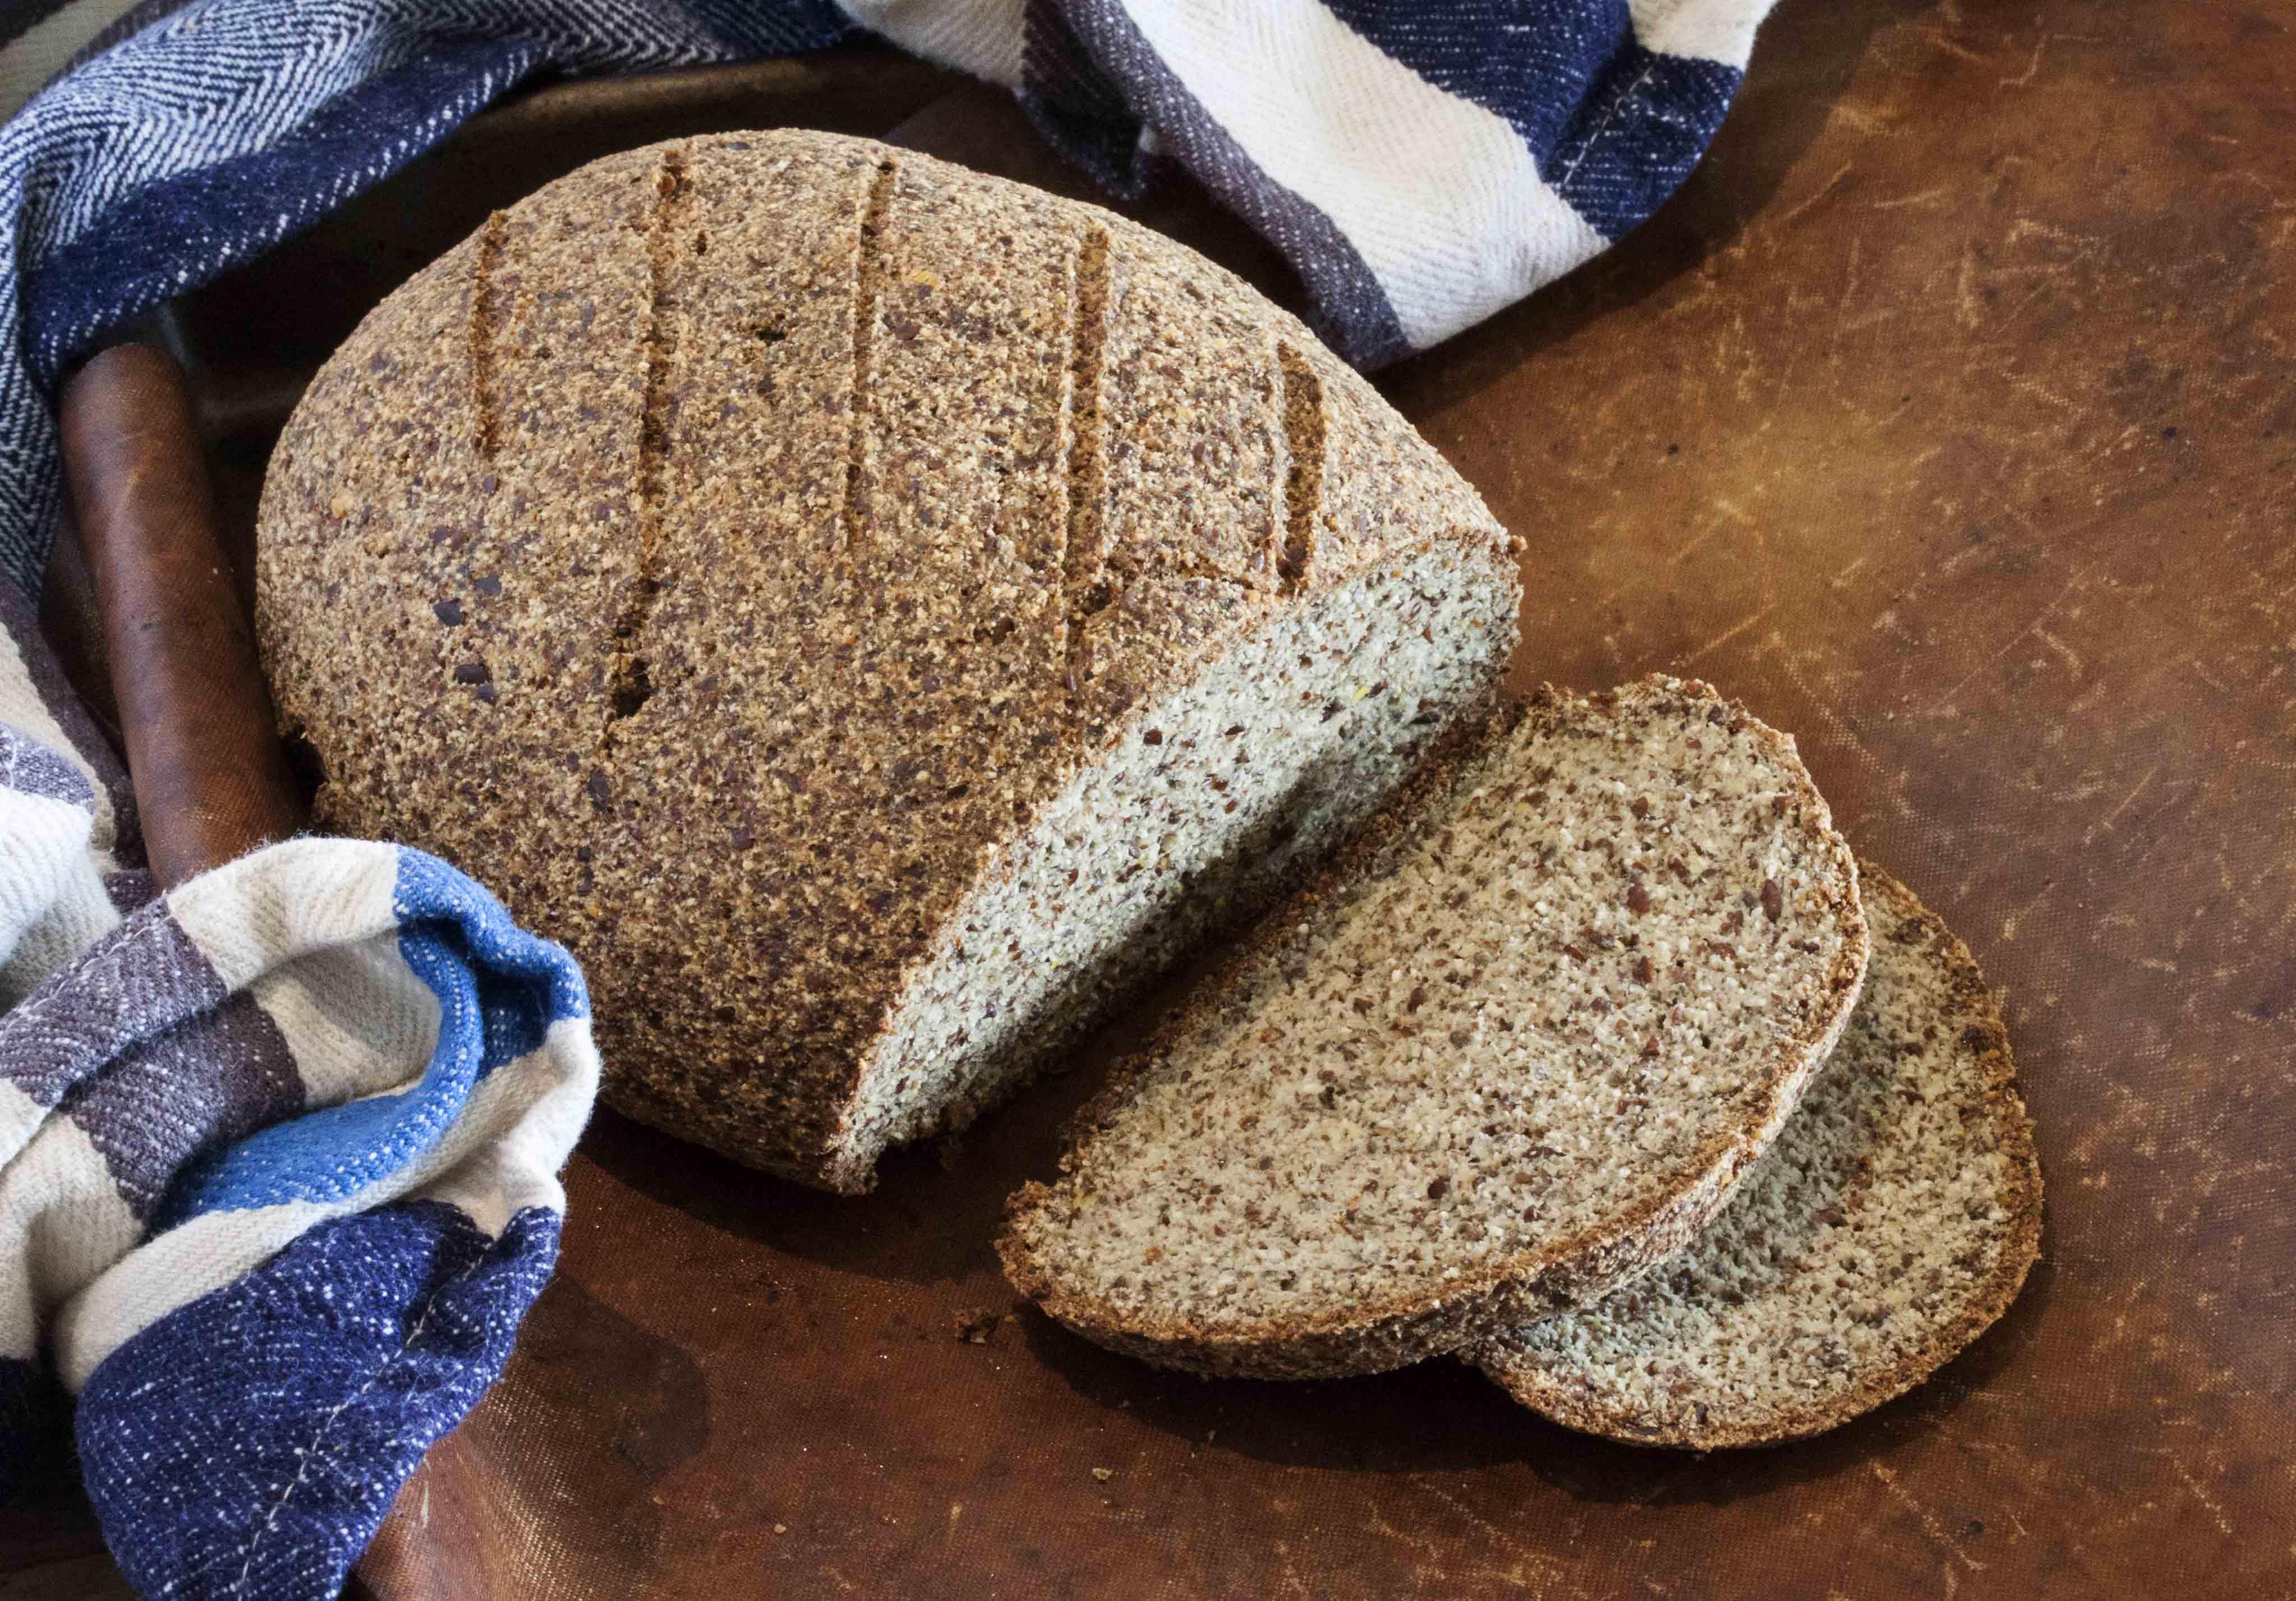 Grain Free Sourdough